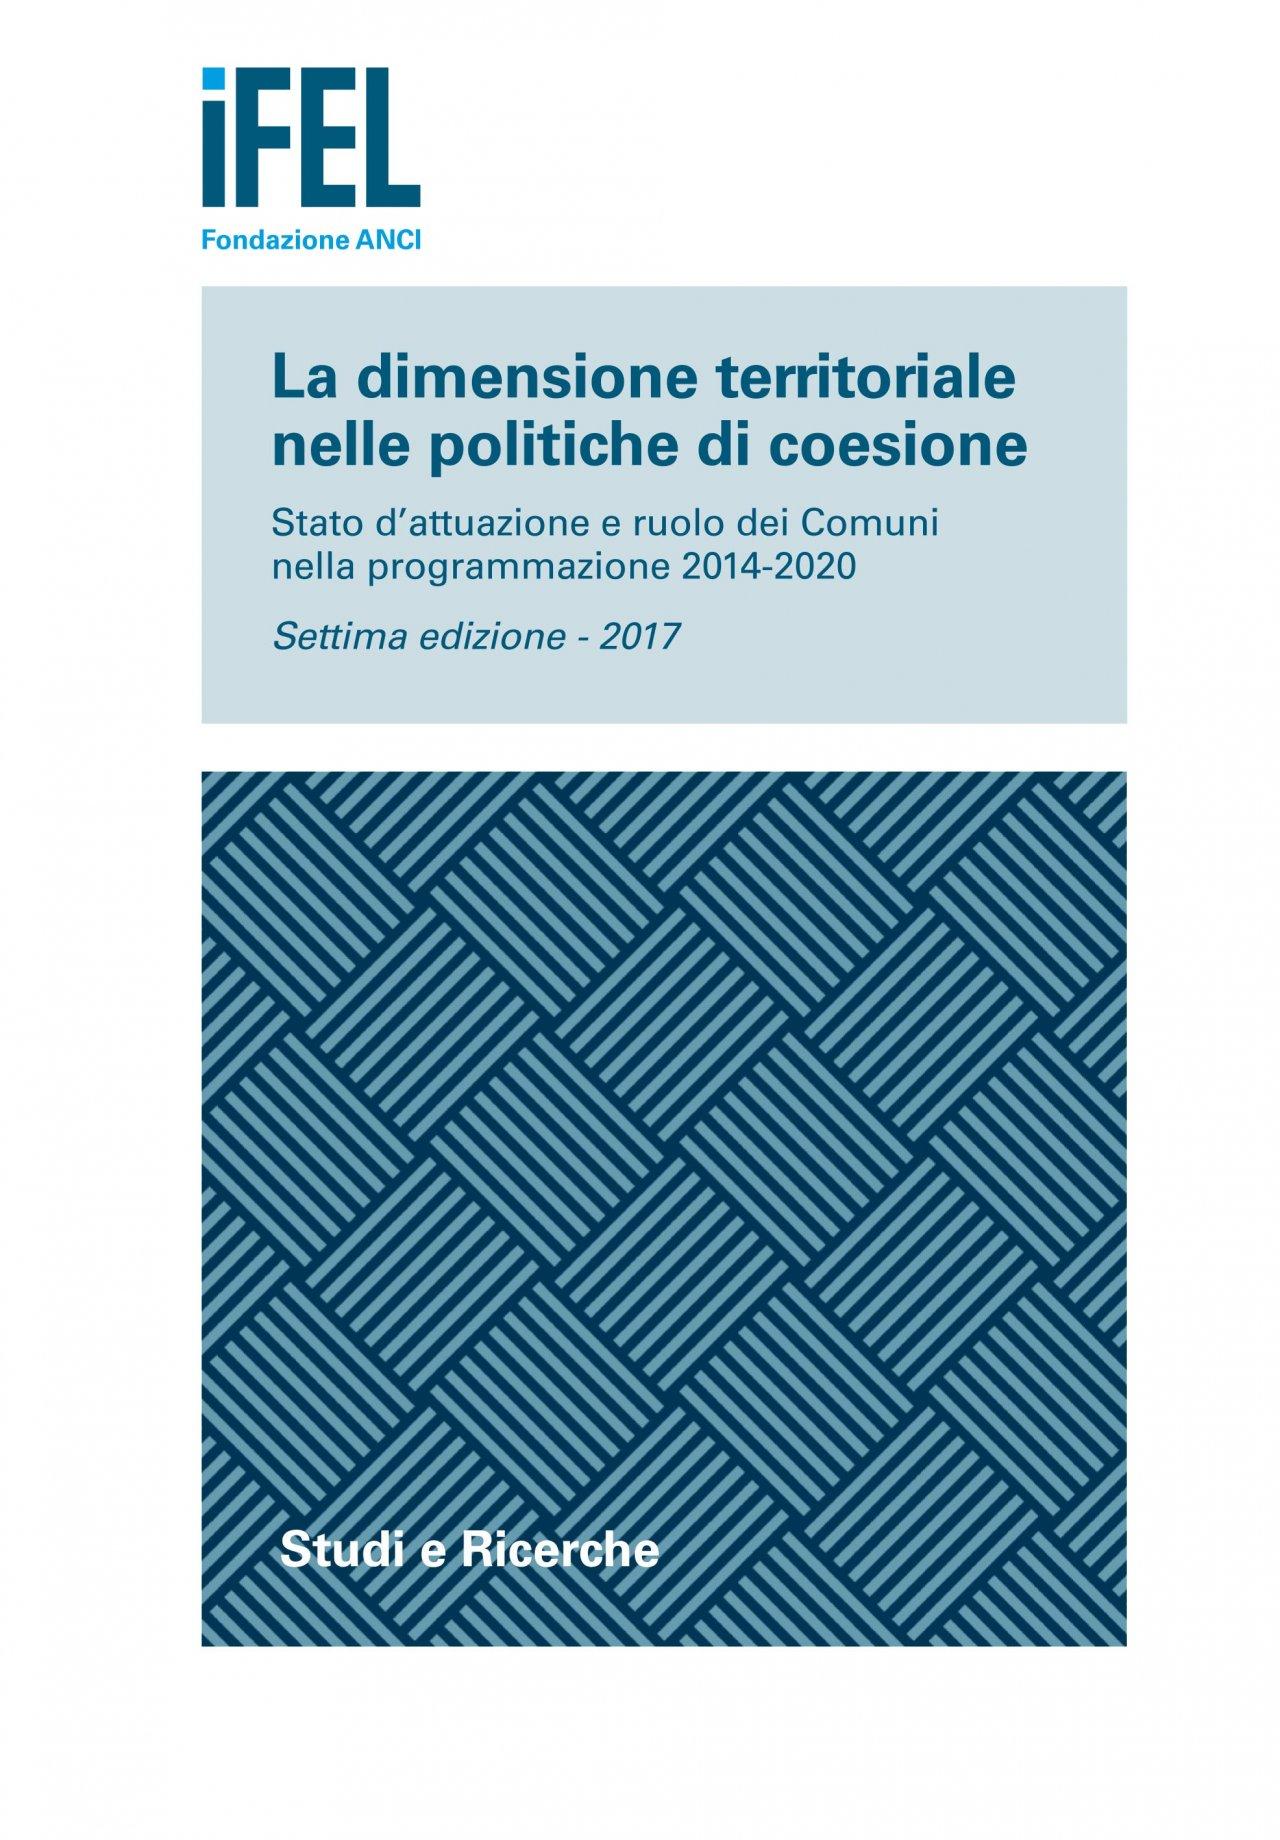 La dimensione territoriale nelle politiche di coesione. Stato d'attuazione e ruolo dei Comuni nella programmazione 2014-2020 (Settima edizione – 2017)